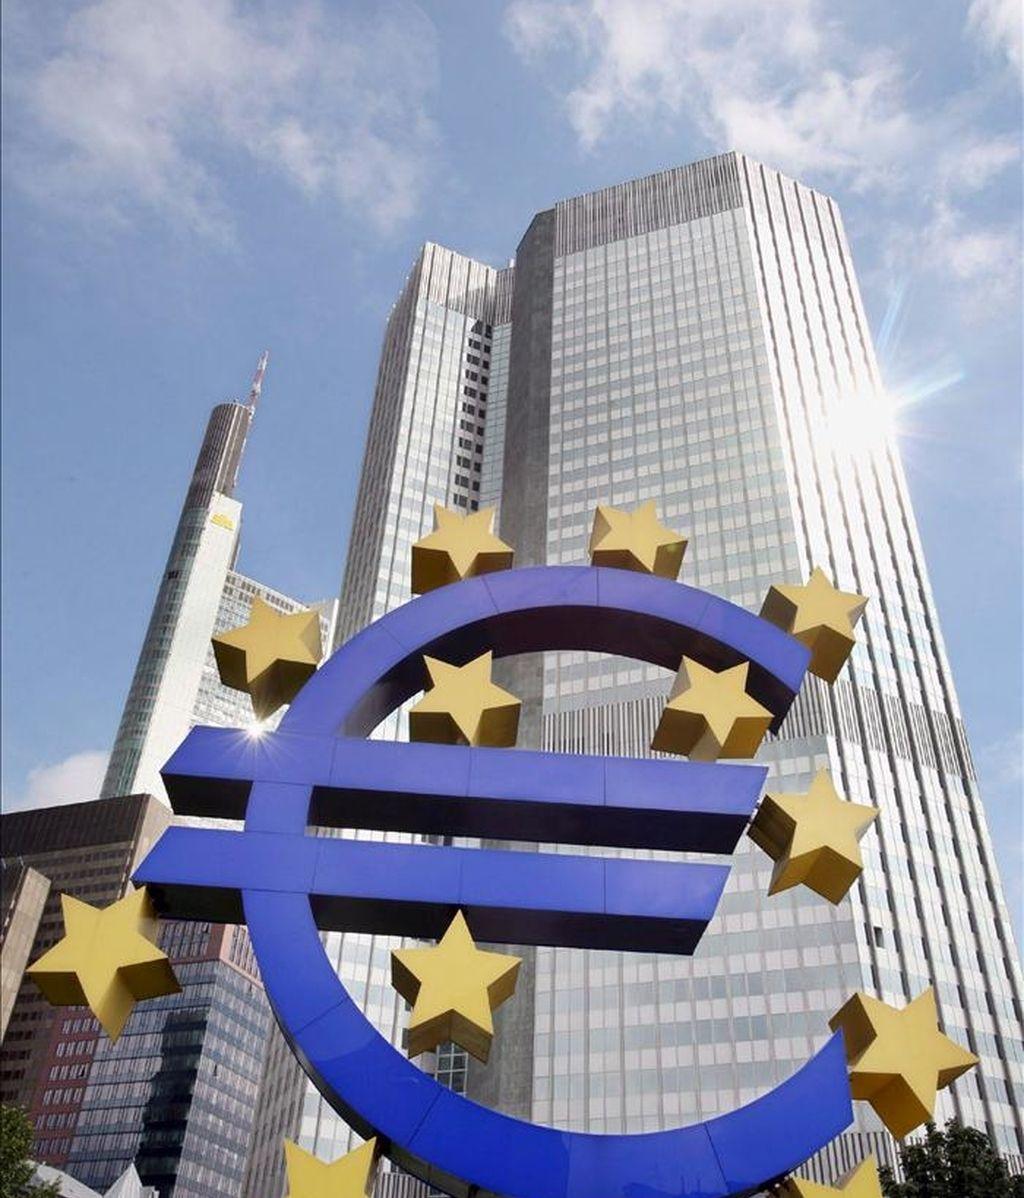 Los bonos de titulización (ABS) fueron el activo de garantía más usado en las operaciones de refinanciación del Banco Central Europeo (BCE) el año pasado, al mismo tiempo que aumentaron los valores de administraciones centrales por la crisis de la deuda soberana. EFE/Archivo